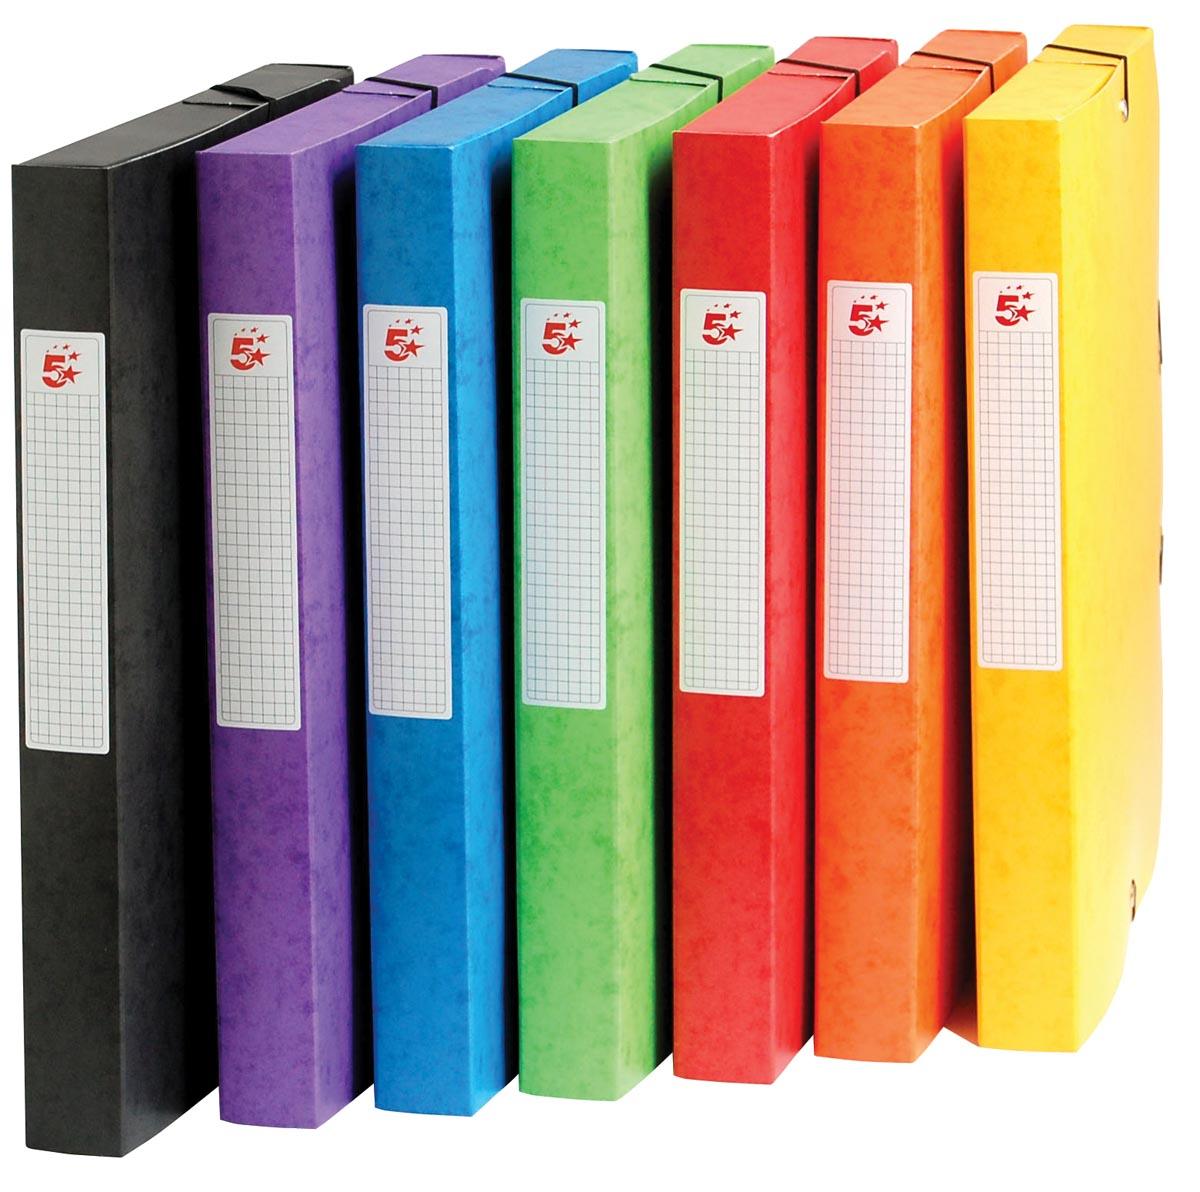 5 Star elastobox, rug van 4 cm, geassorteerde kleuren